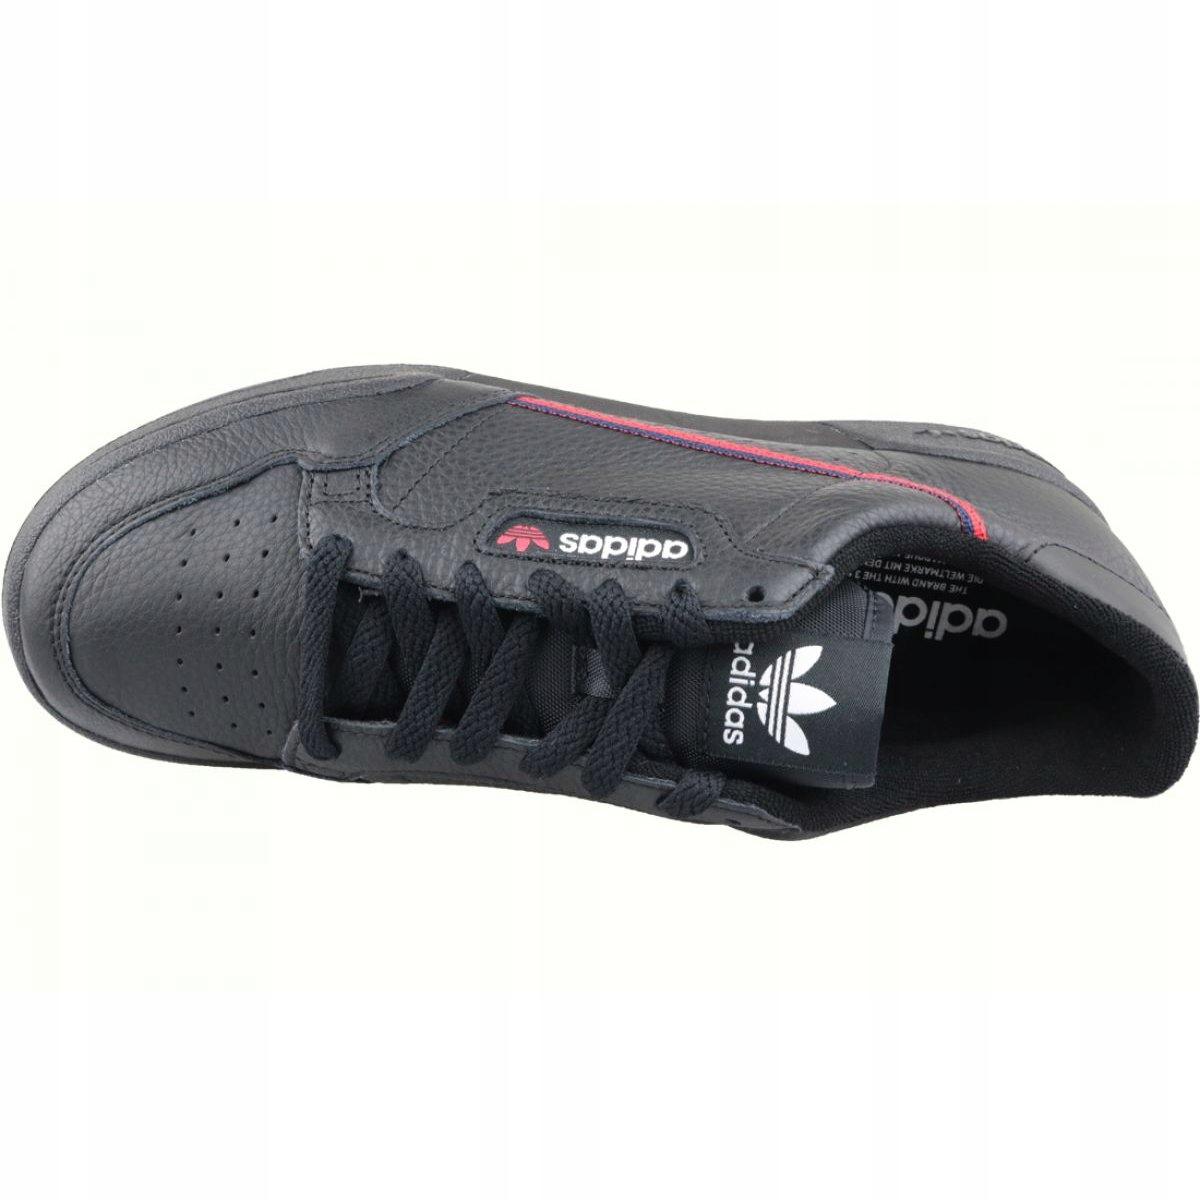 Buty adidas Continental 80 M G27707 r.43 1/3 9140644657